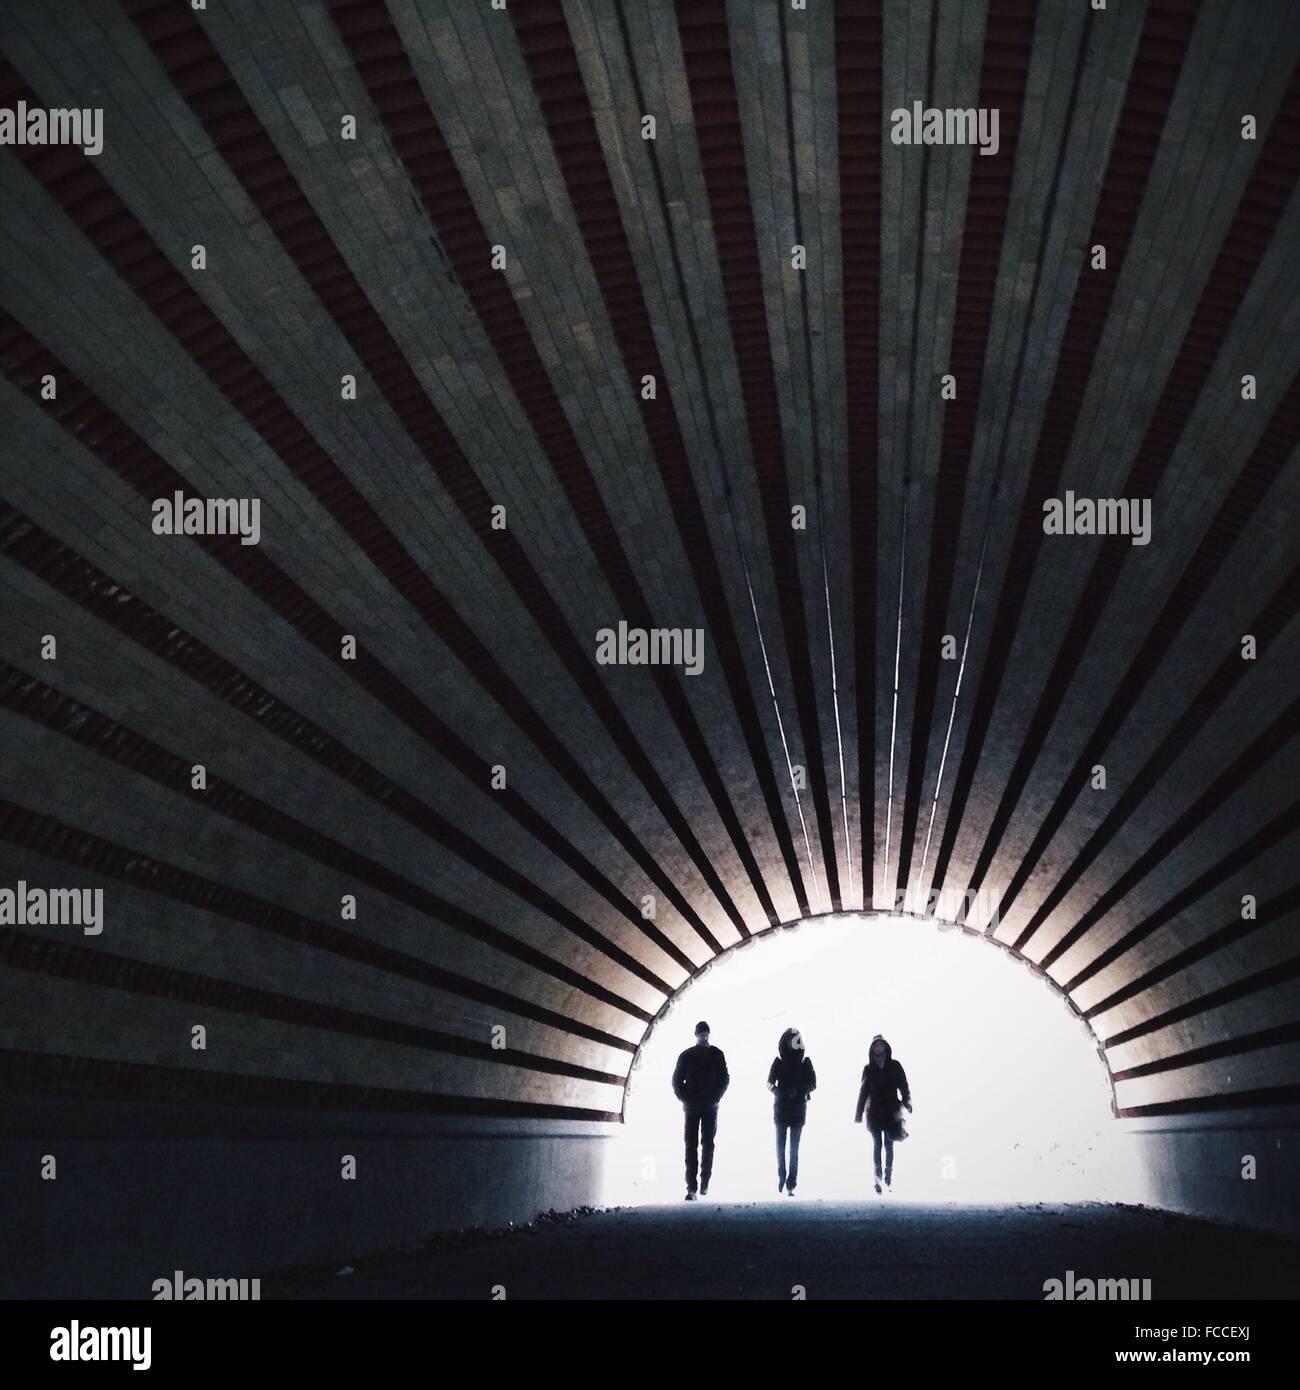 Gesamte Länge der Passanten im Tunnel Stockbild